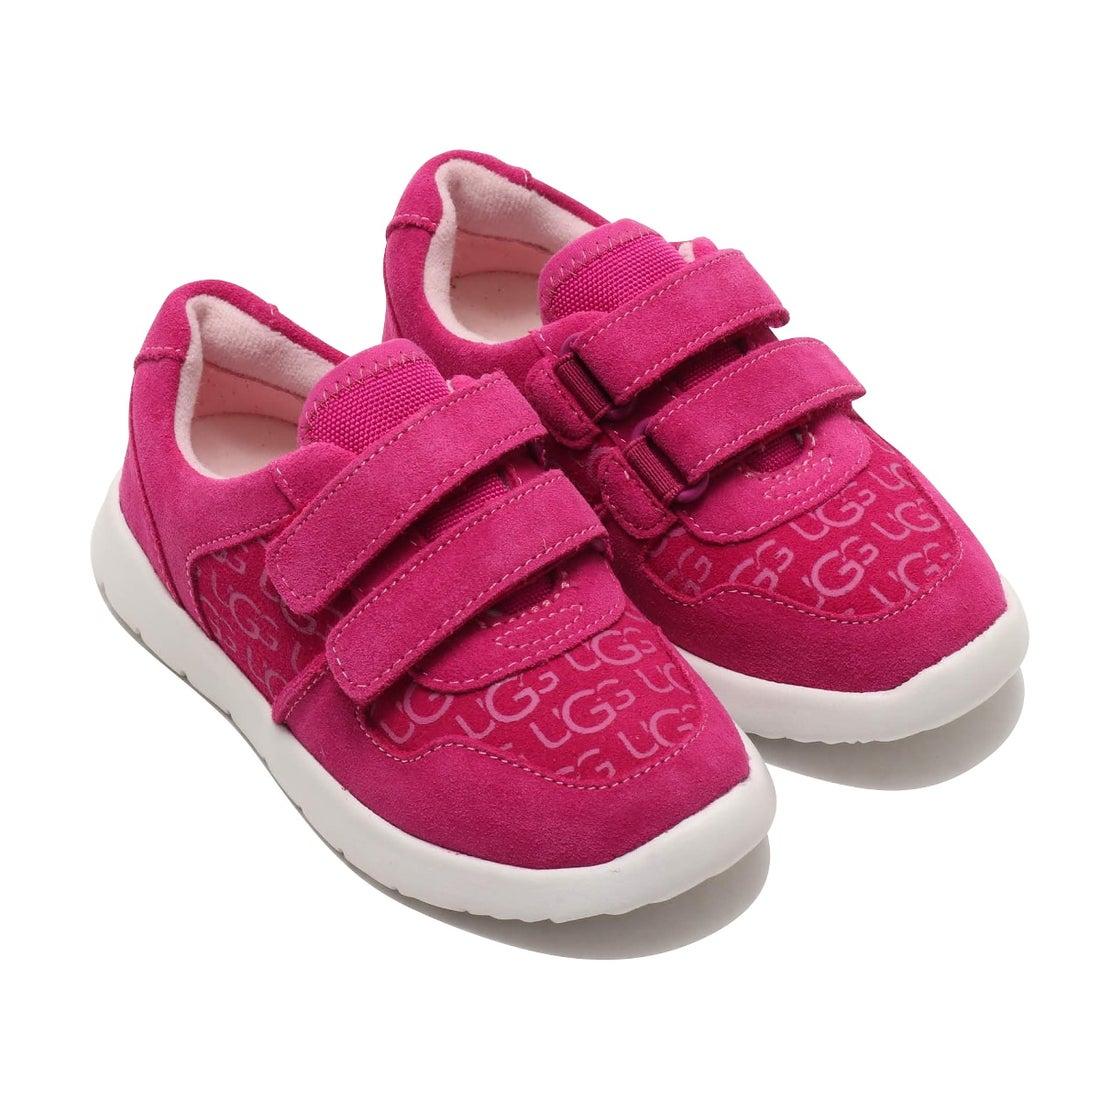 ロコンド 靴とファッションの通販サイトアグ UGG UGG T TYGO SNEAKER UGG (PINK)